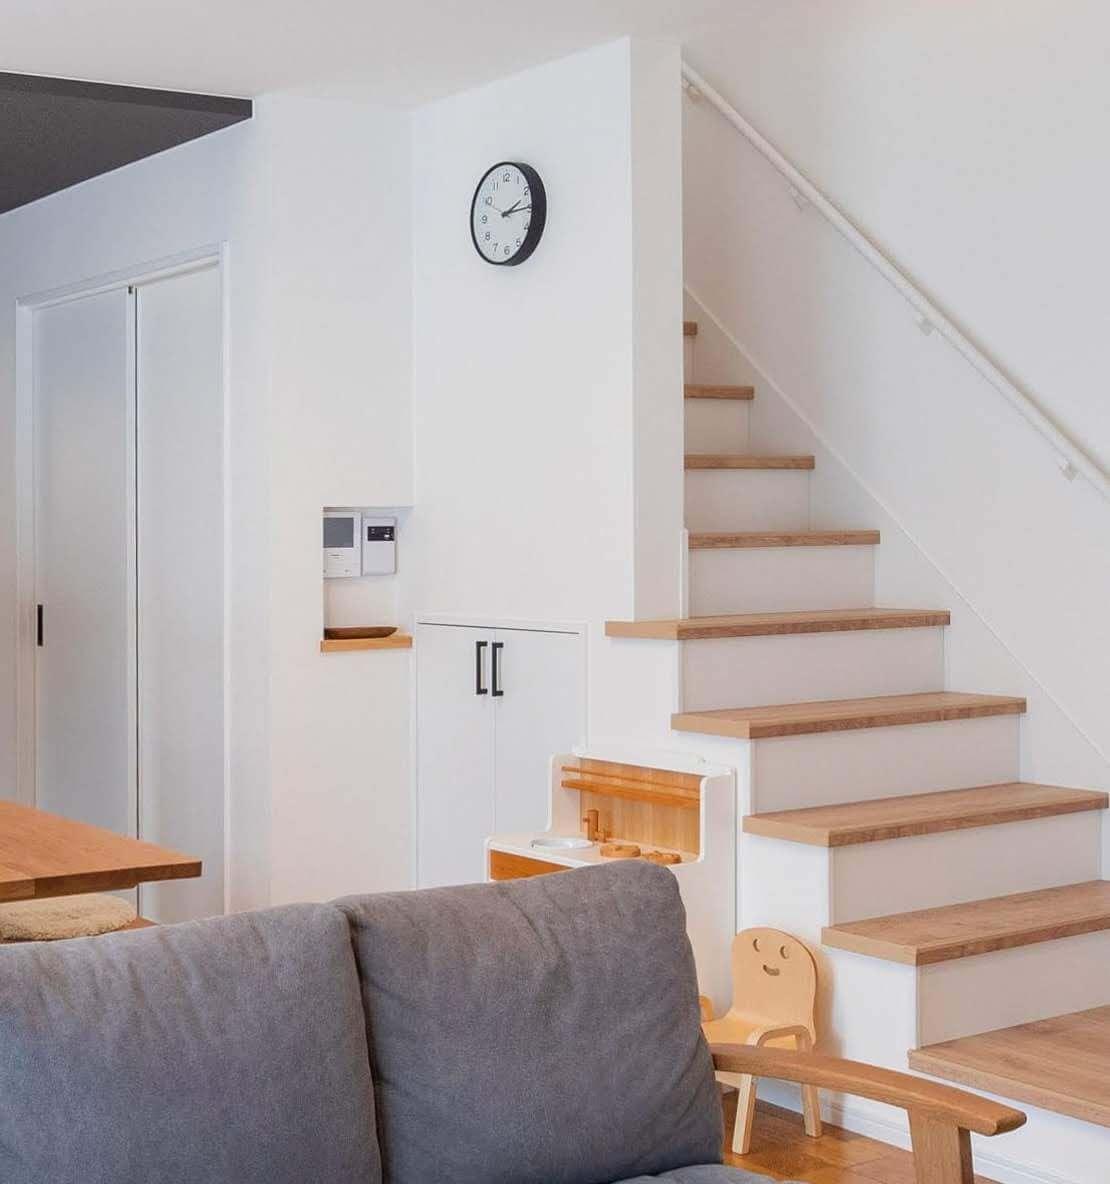 注文住宅|安水建設|愛知県安城市を中心に三河エリアの木造注文住宅・リフォーム空間の上手な使い方 ~階段下収納編~